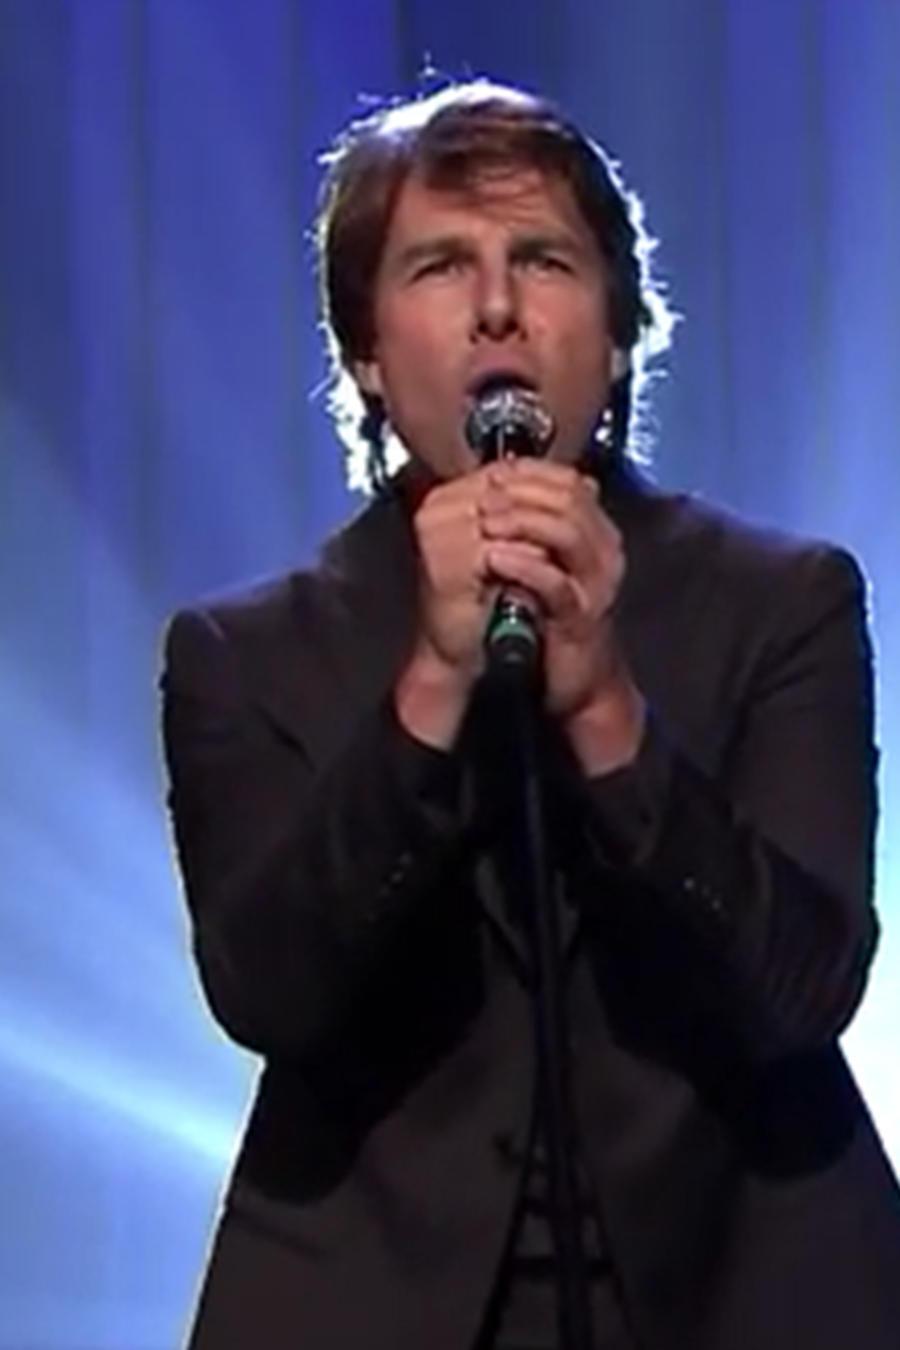 Batalla de canto entre Tom Cruise y Jimmy Fallon